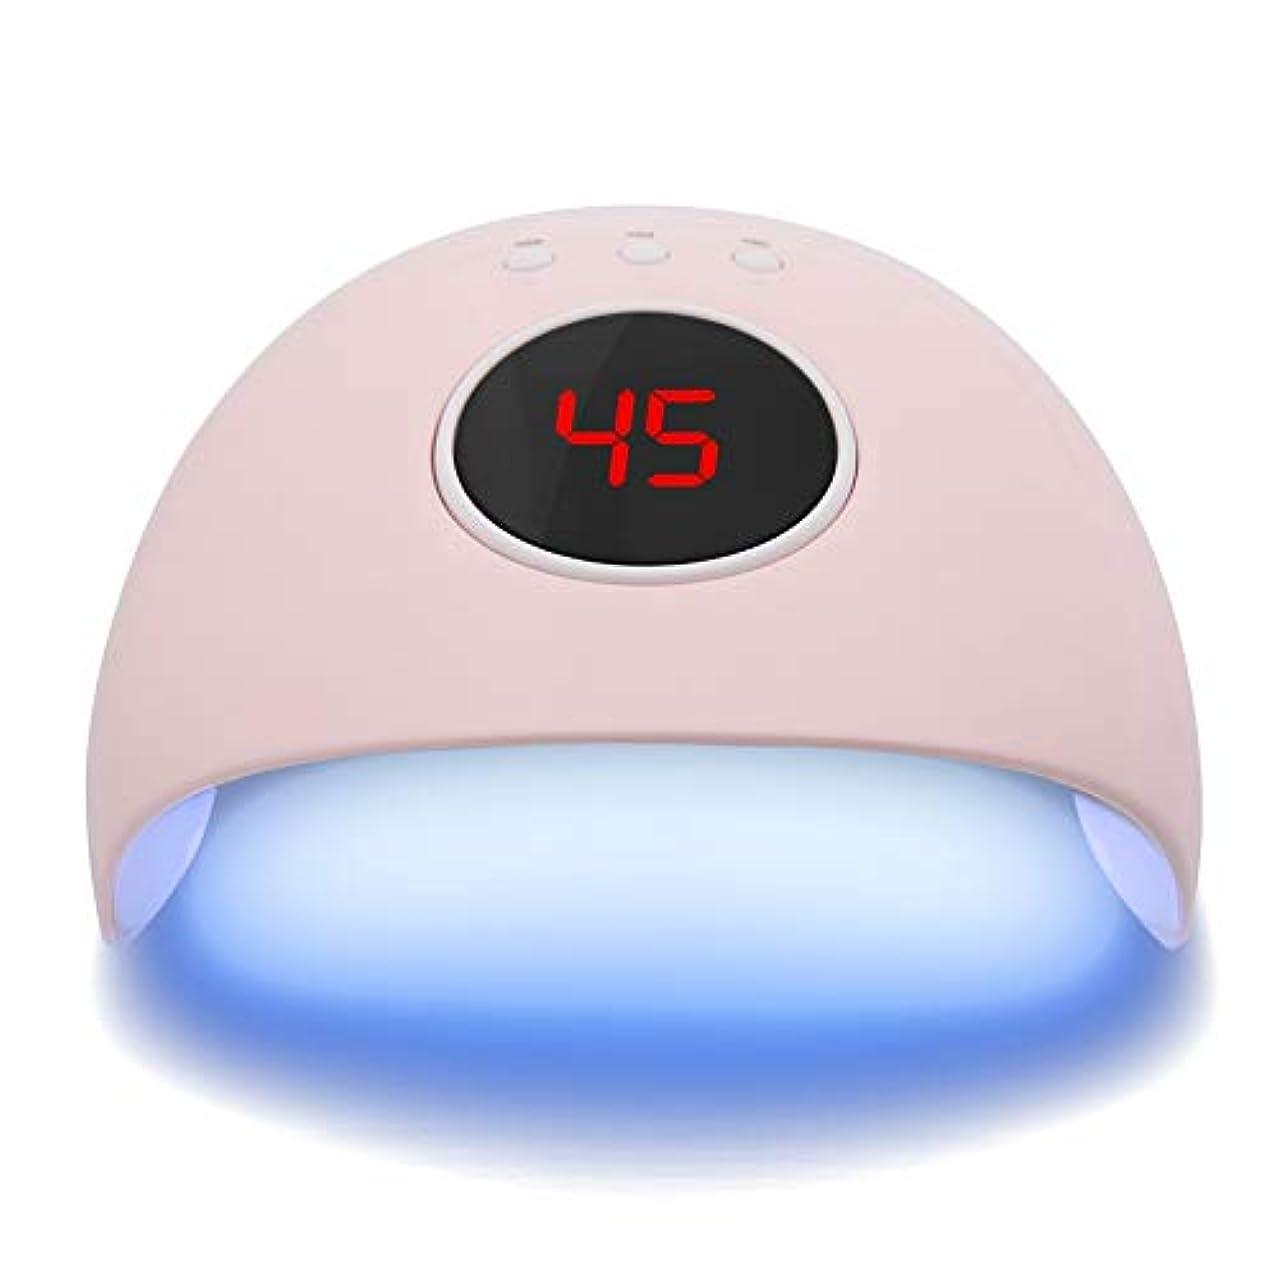 集中的な簡略化する口径24ワット液晶ディスプレイ 硬化ライト uvネイルドライヤーデュアル光源ジェルポリッシュランプライト硬化マニキュア機